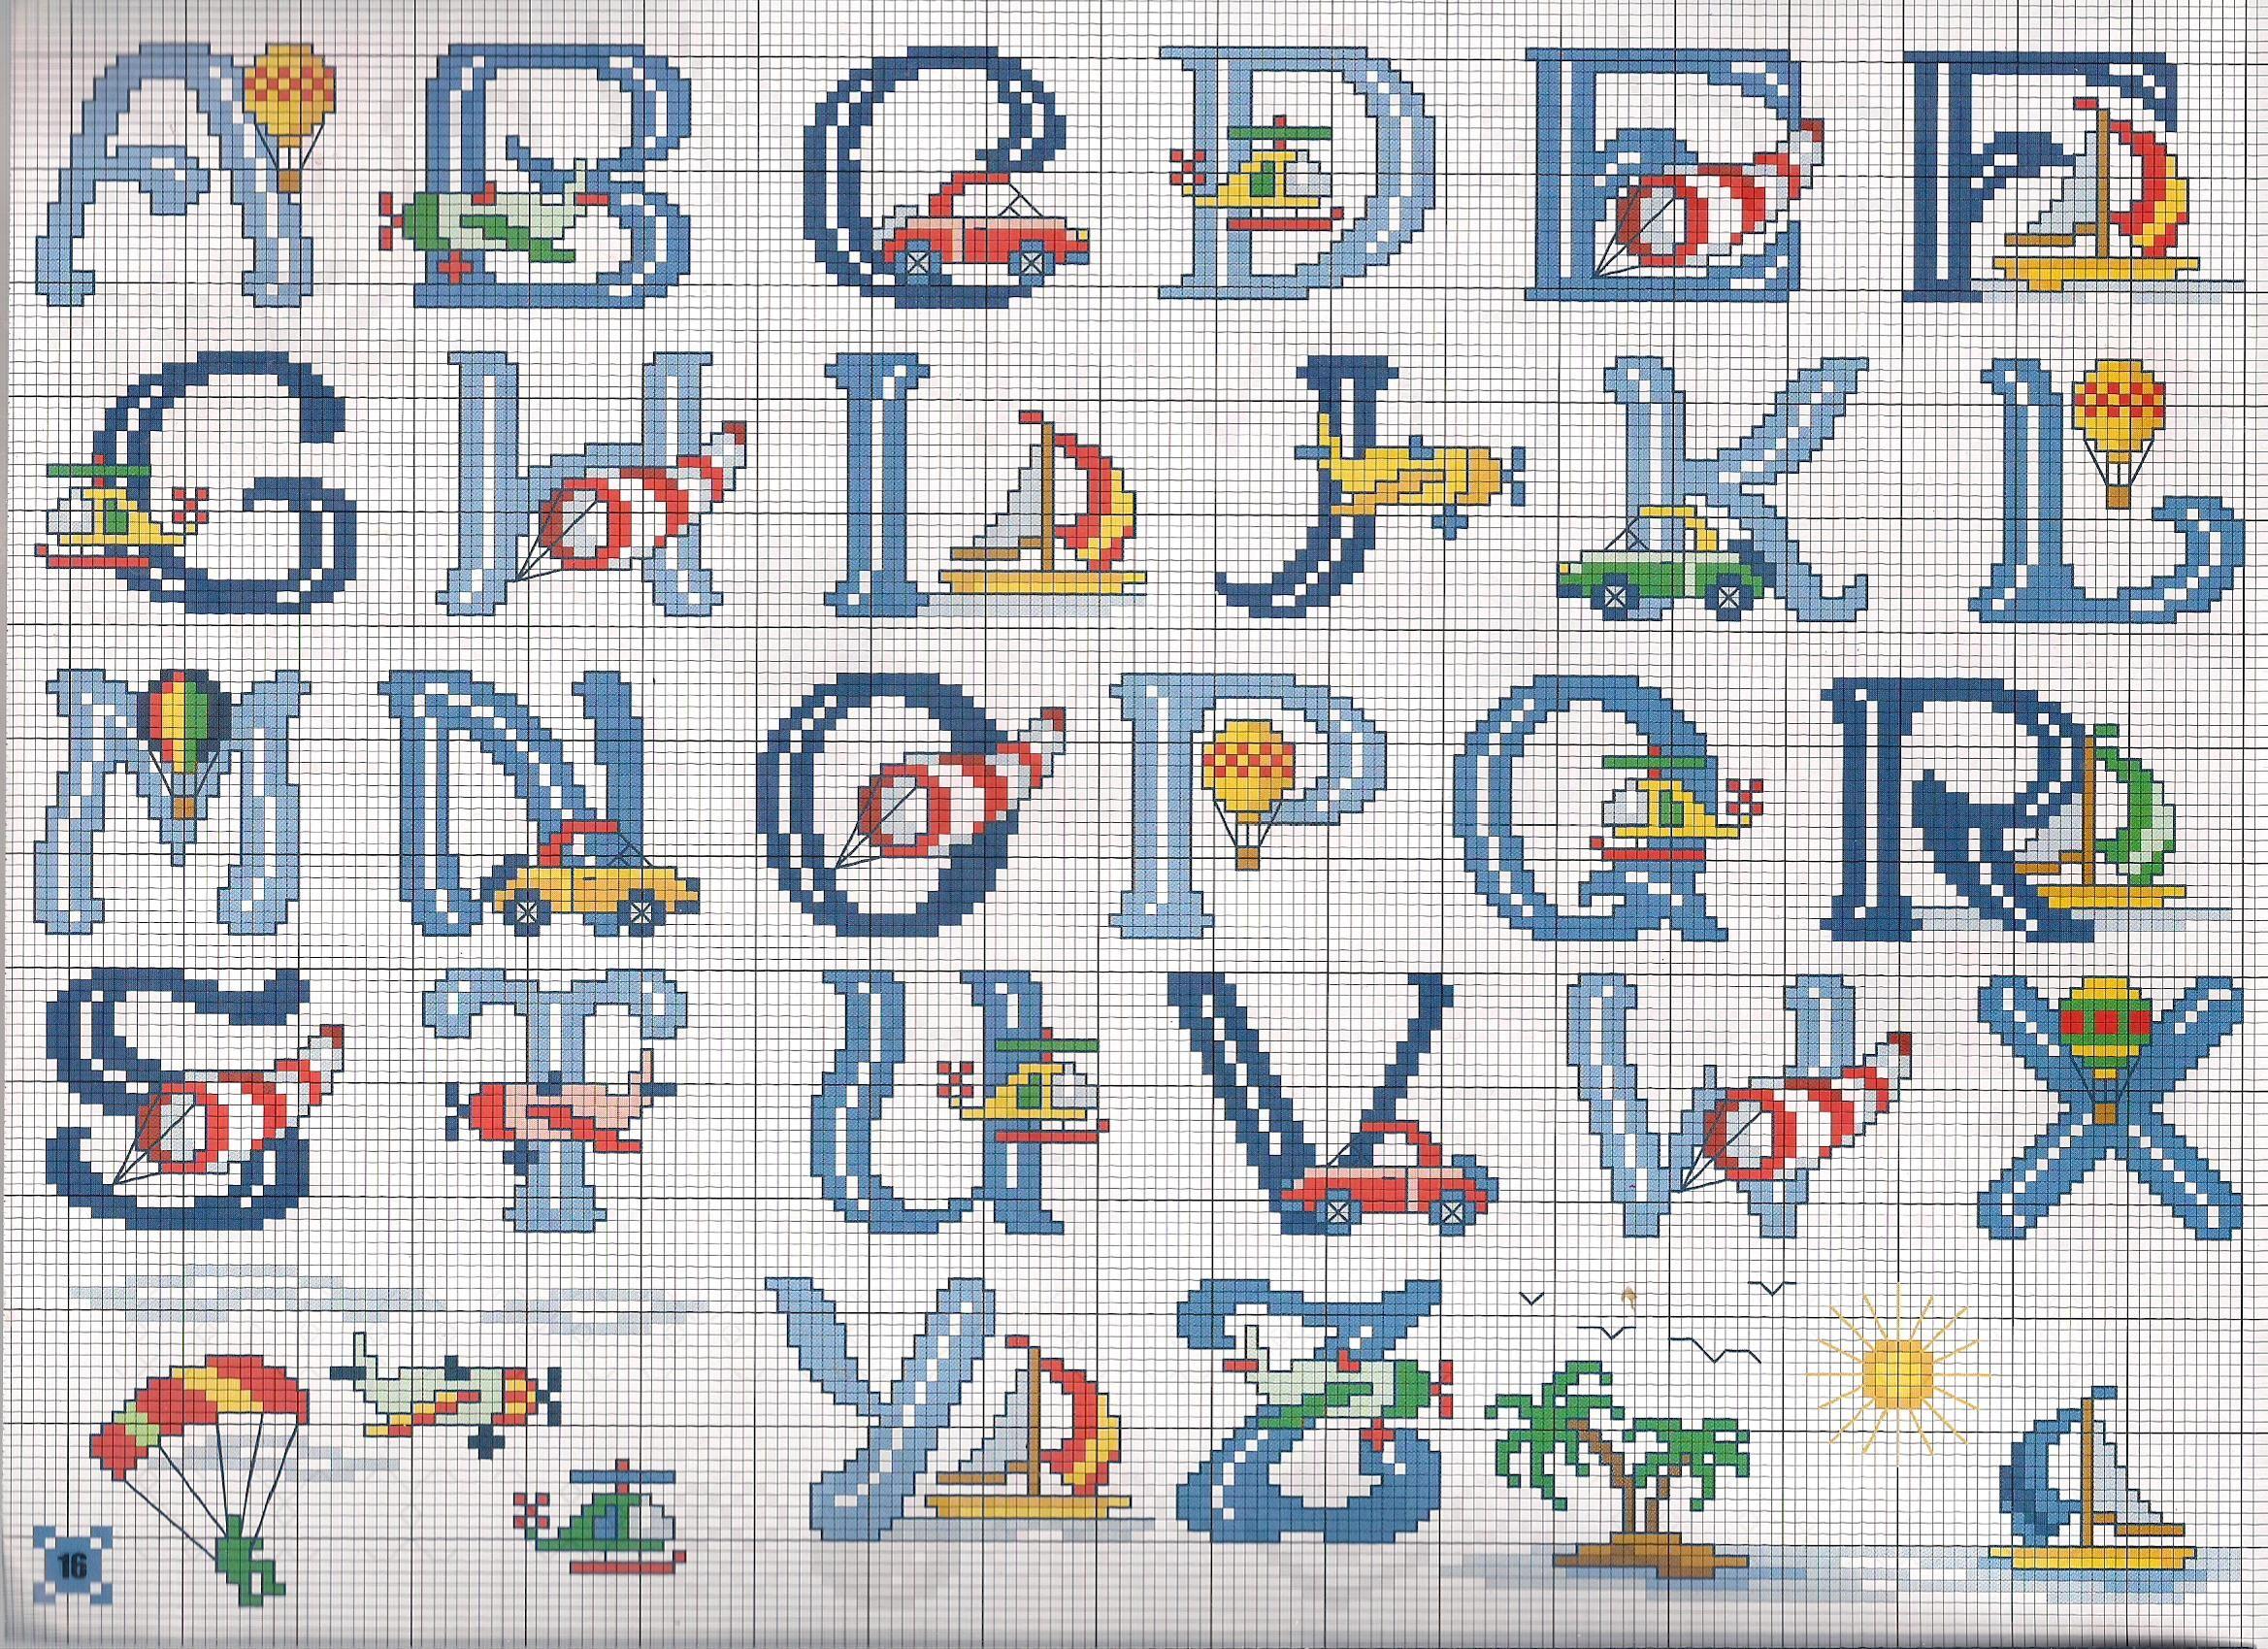 Alfabeto mezzi trasporto punto croce for Immagini punto croce per bambini